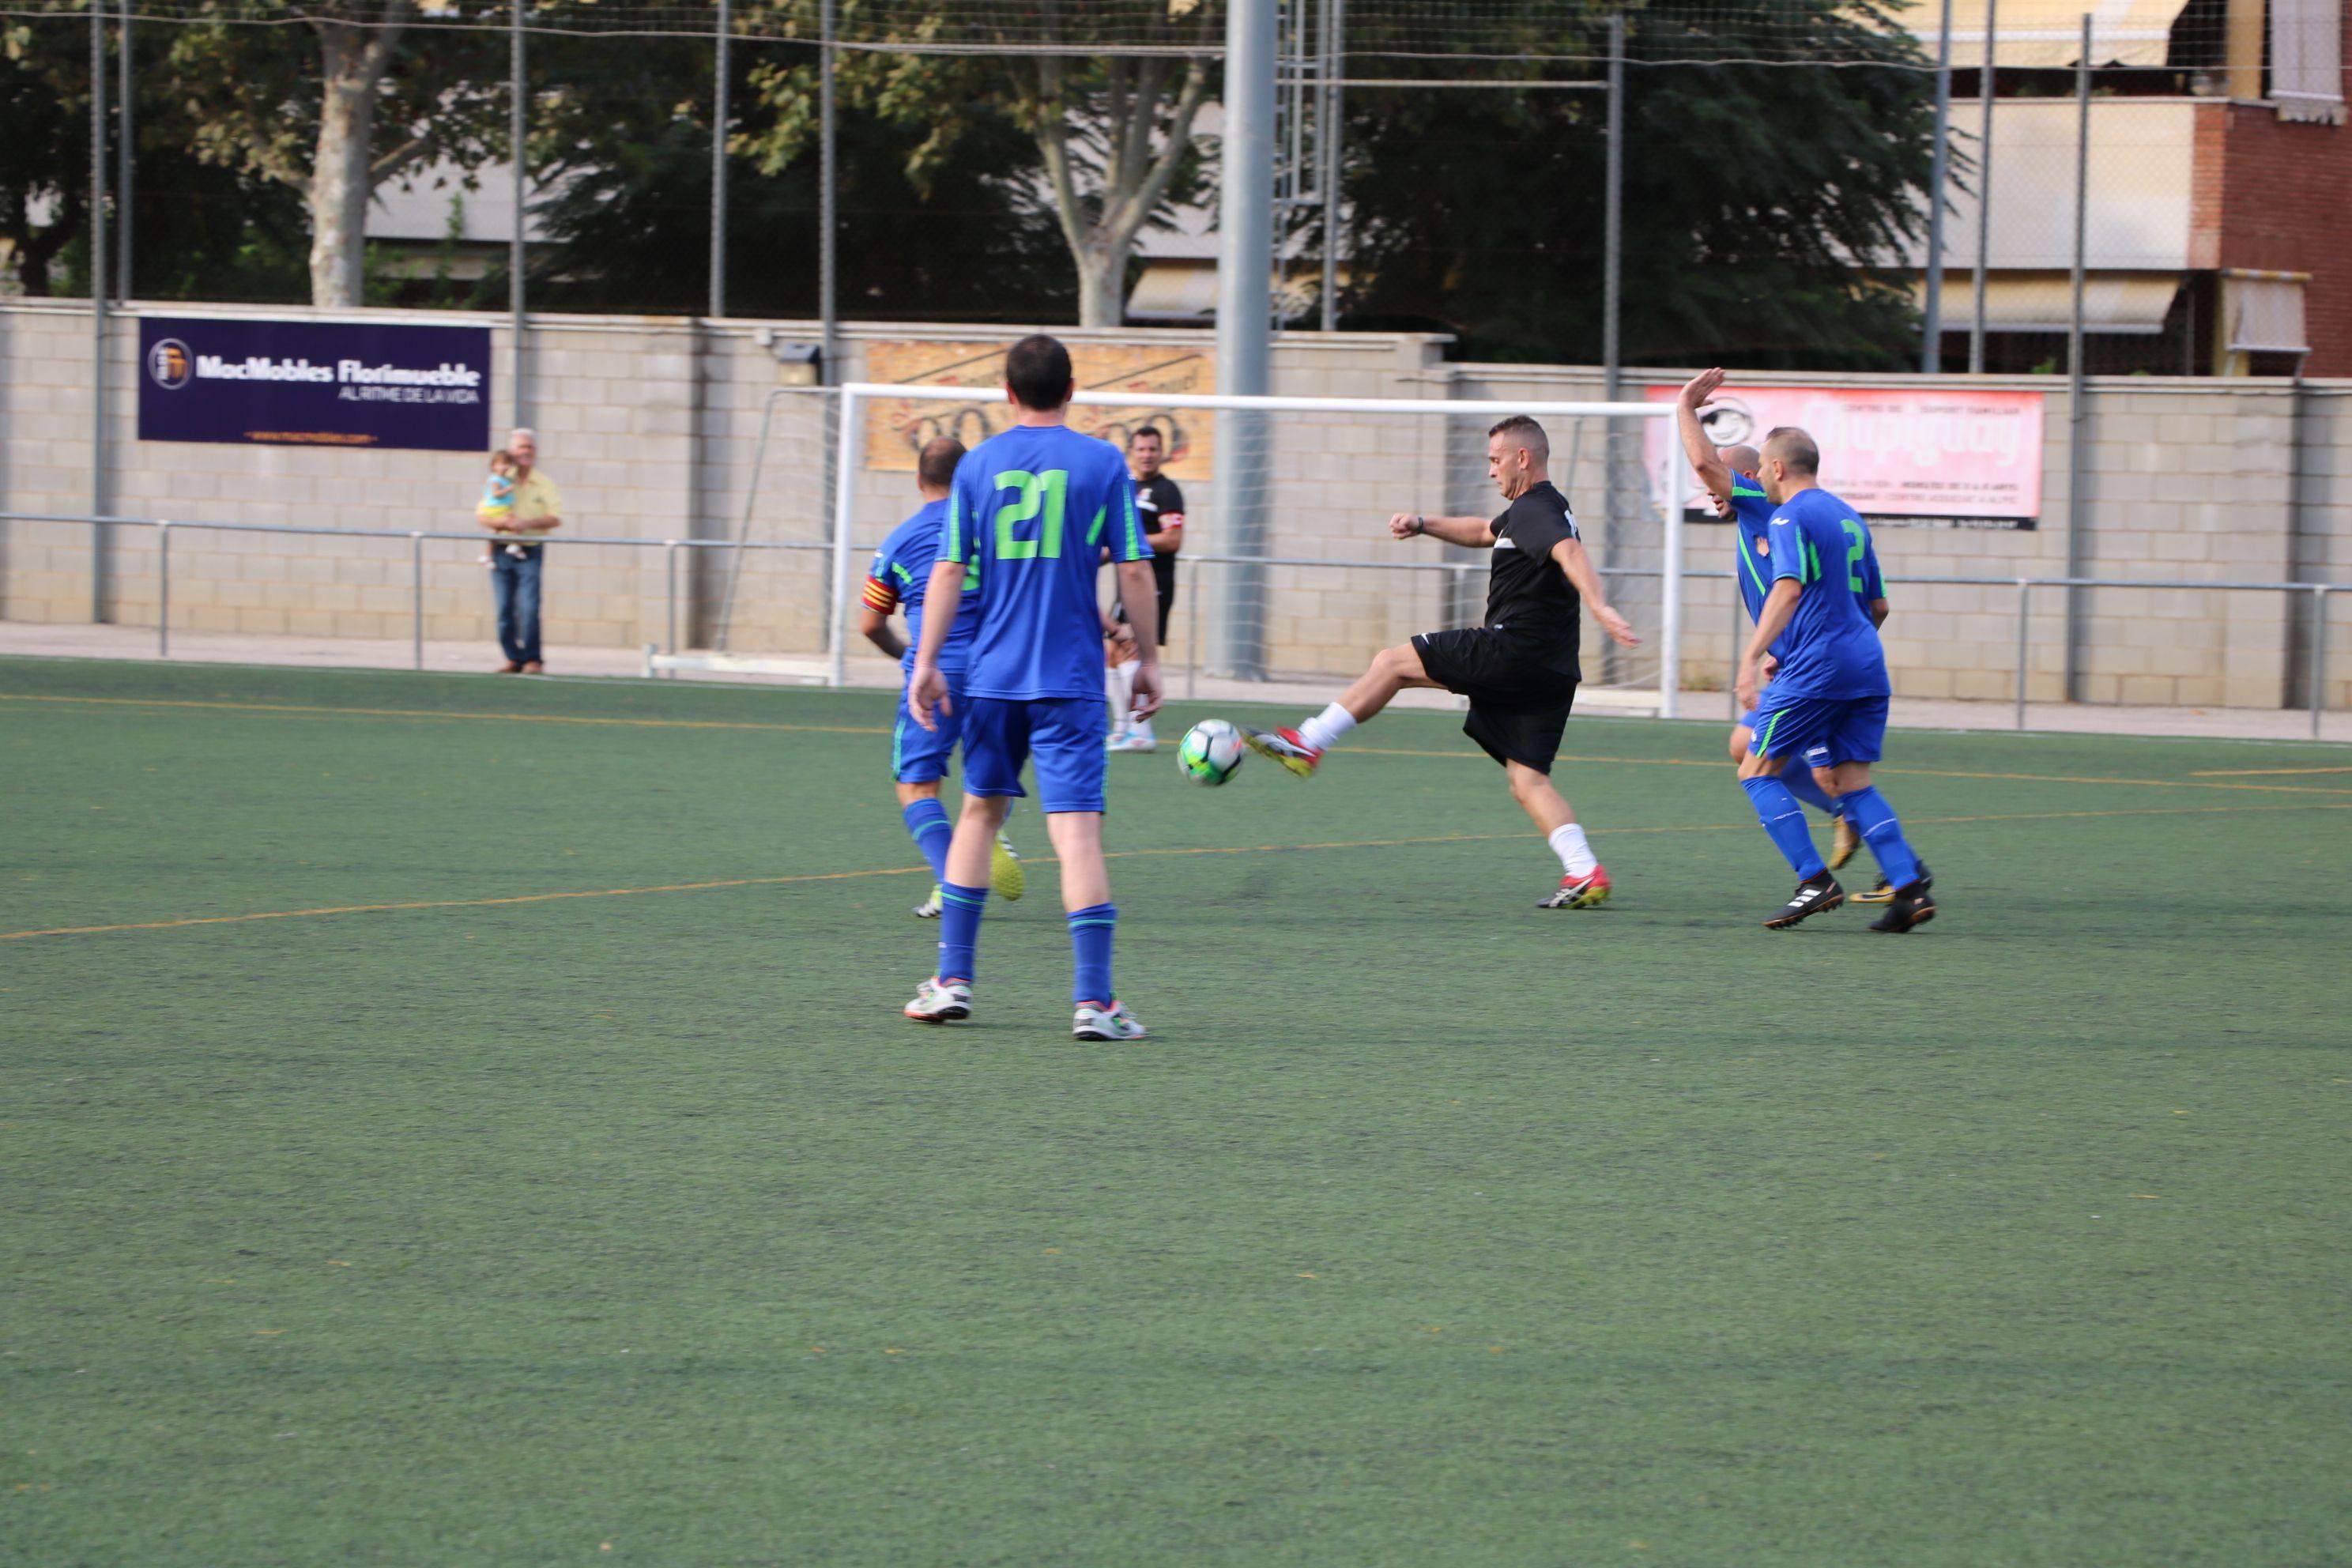 El Viejas Glorias s'estrena a la Primera Divisió amb victòria contra la Peña Madridista Iluro